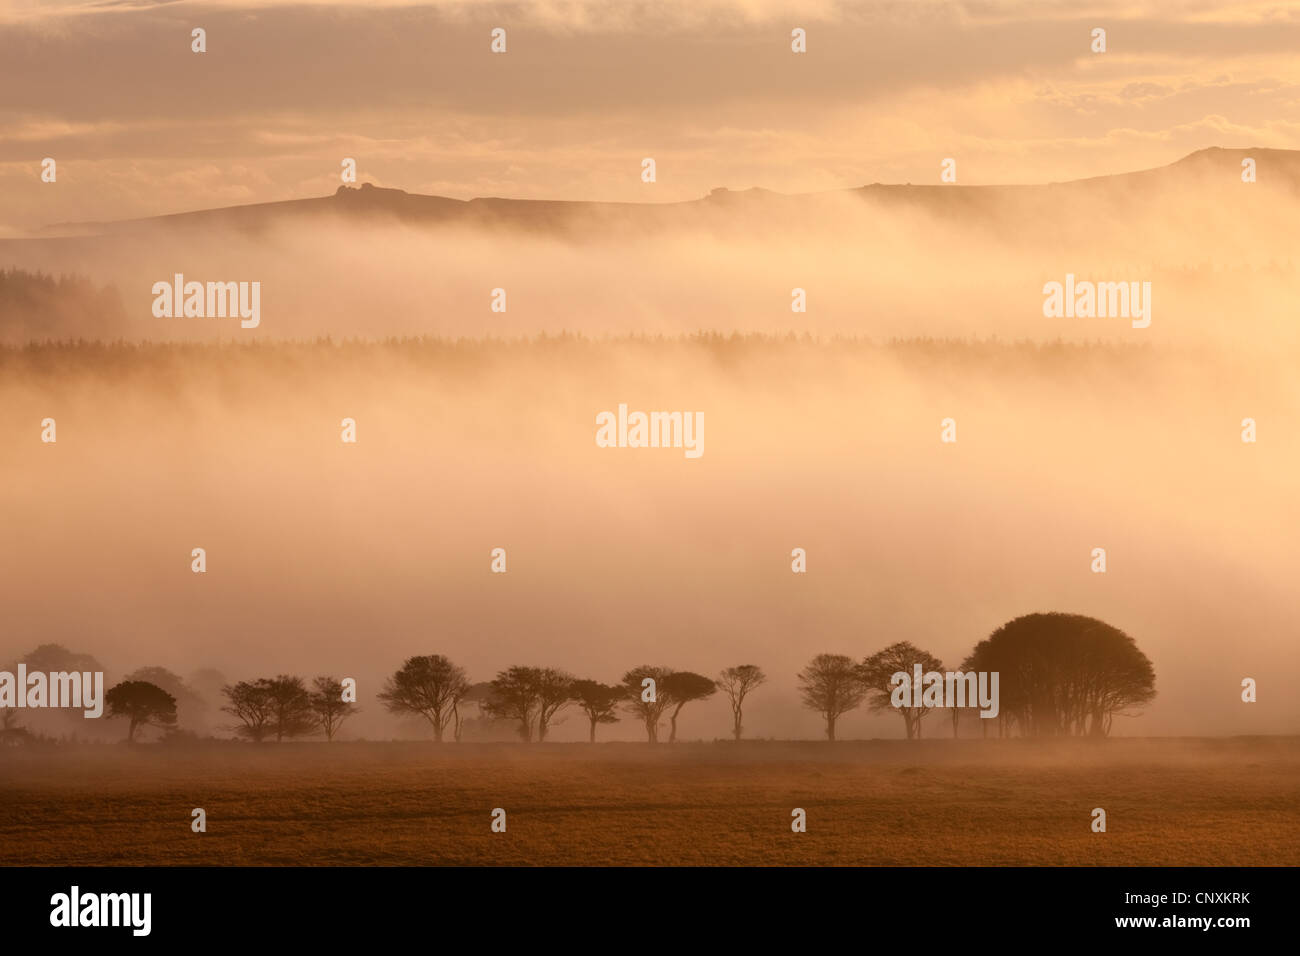 Nebel bedeckten Moor bei Sonnenaufgang, in der Nähe von Farbwerken, Dartmoor, Devon, England. Herbst (Oktober) 2011. Stockfoto